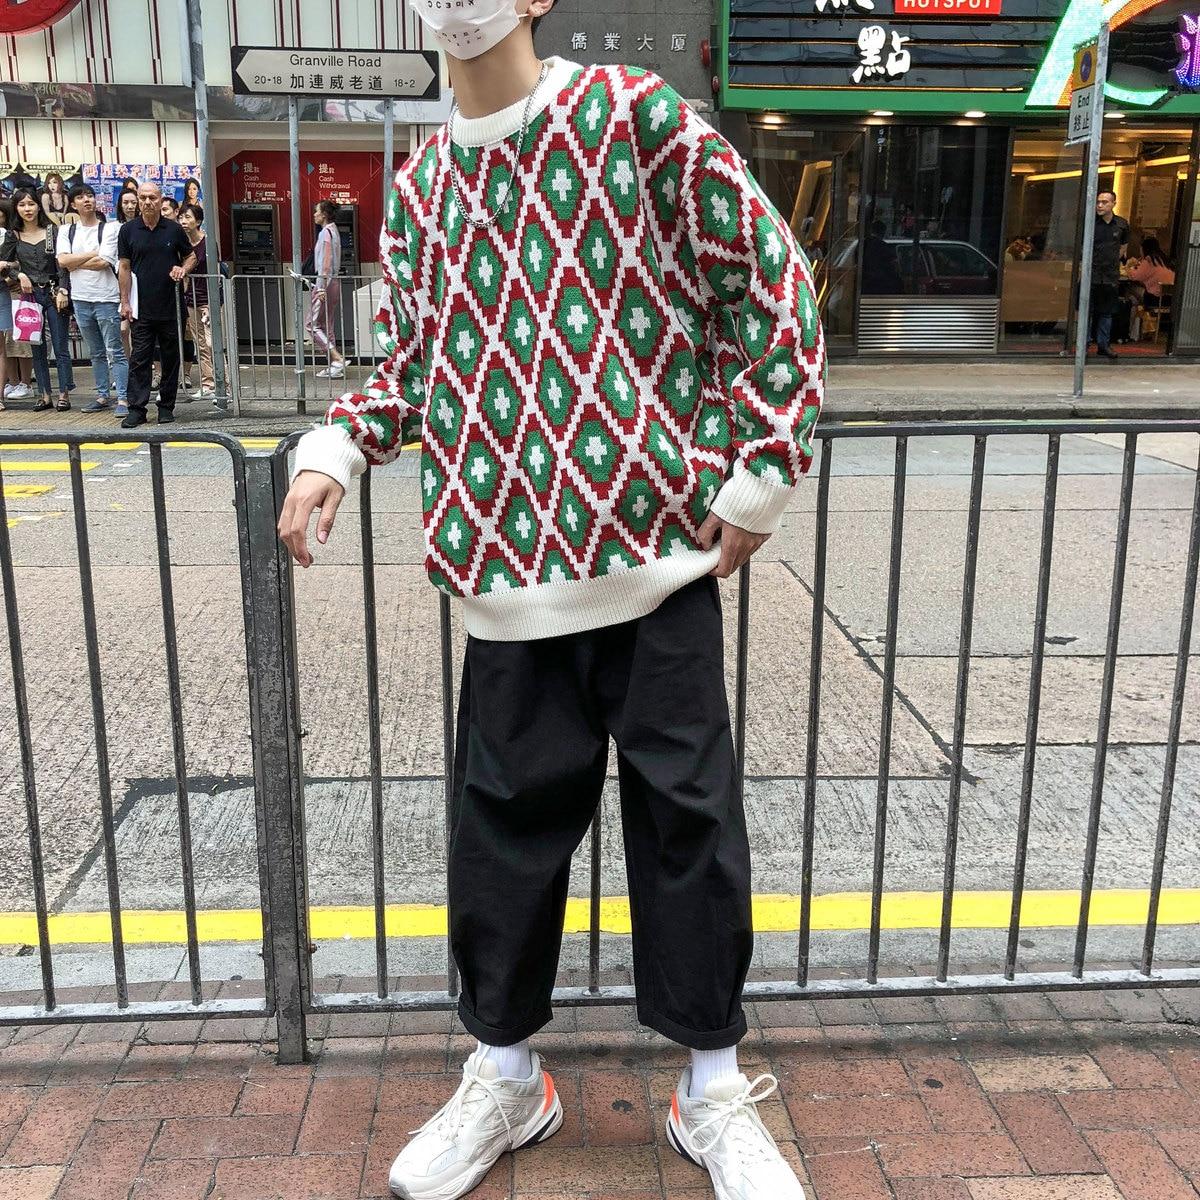 Hiver 2xl Motif Col M Pull En Marque À Rond Laine 2018 Tricoter Homme Occasionnel Hommes Géométrique Cachemire Lâche White Épaississent ARw6dUxqX